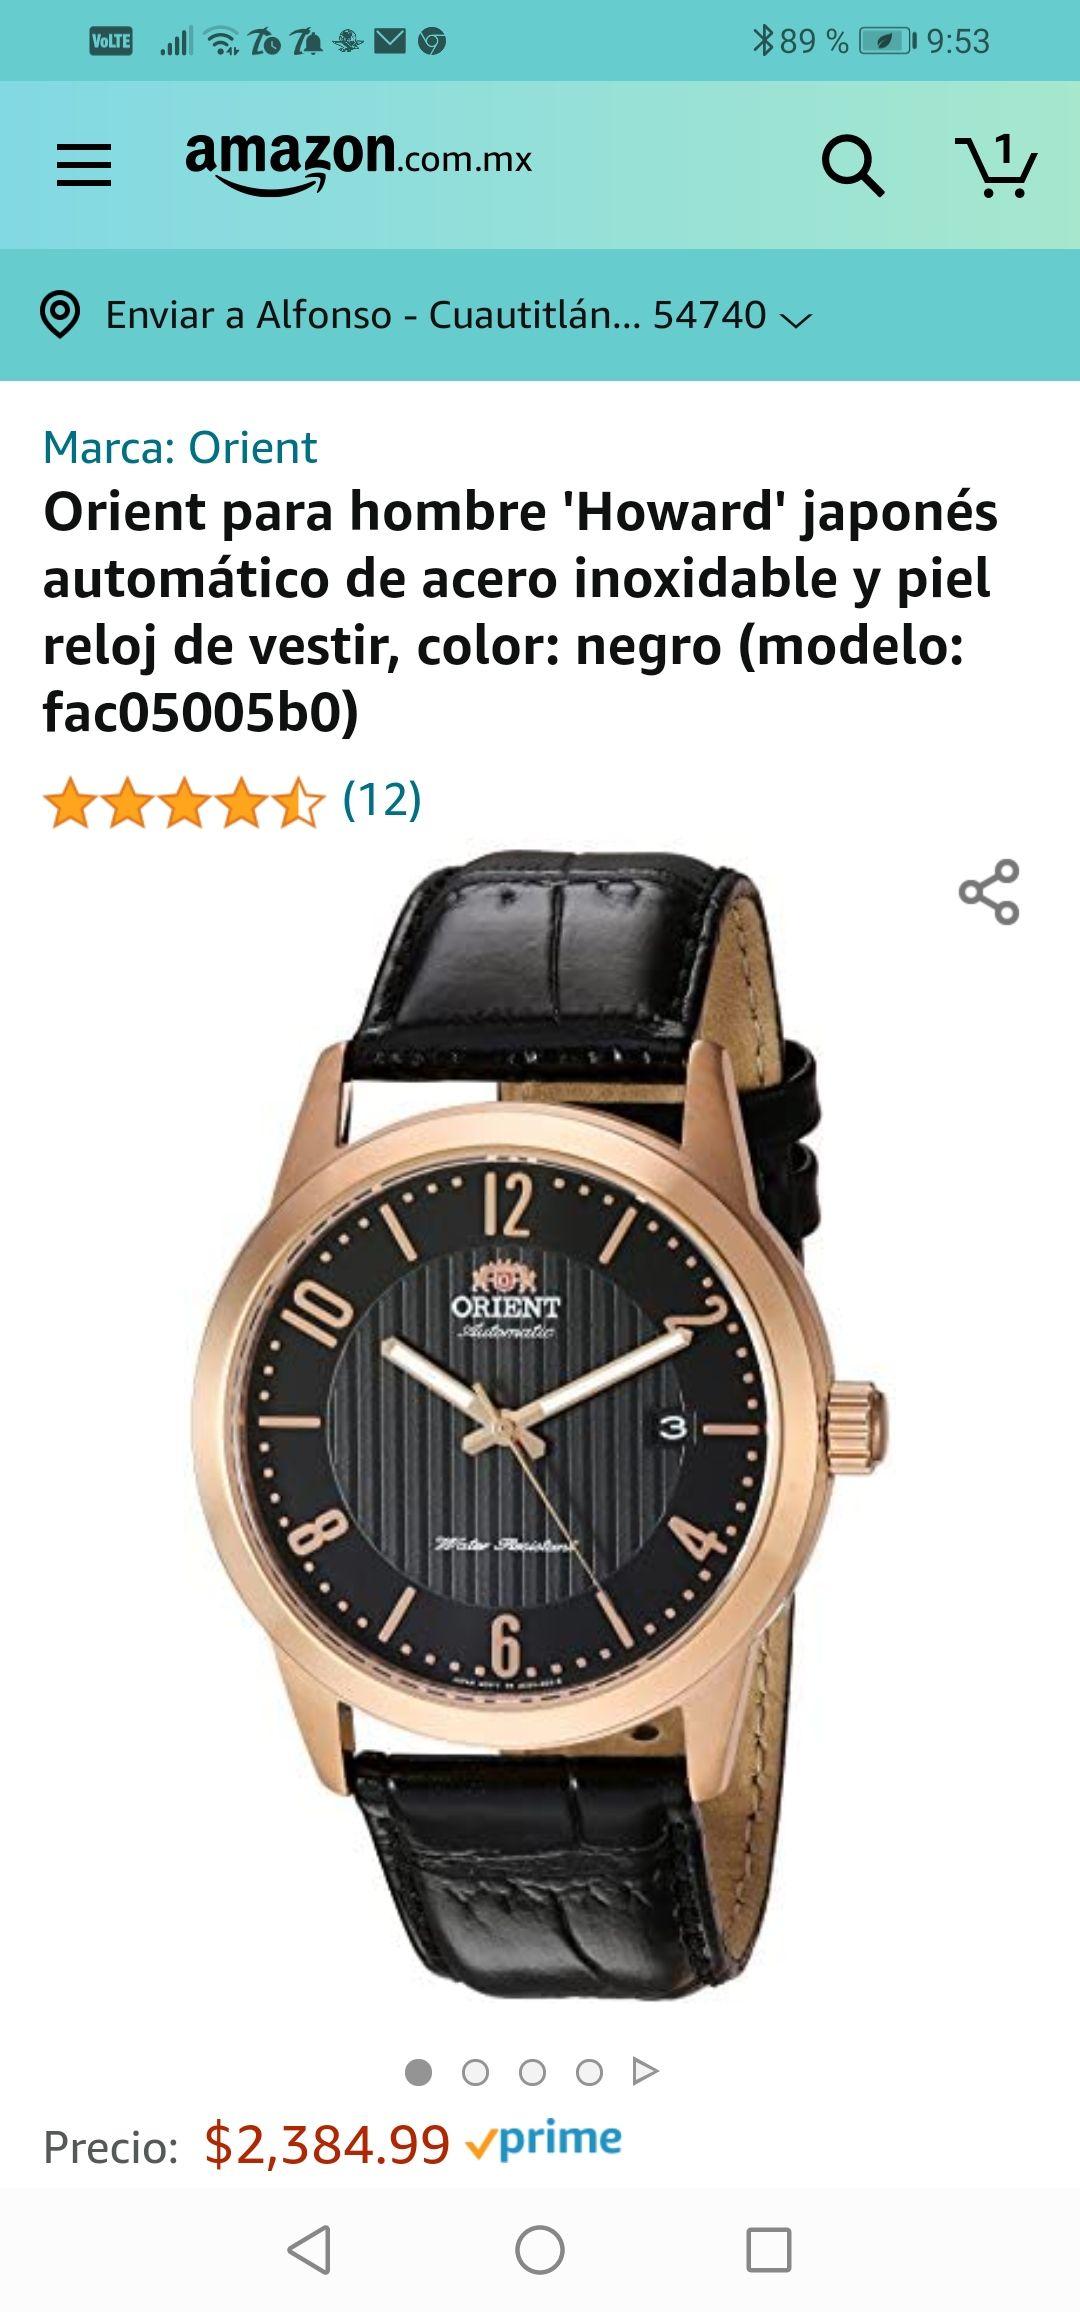 Amazon :Orient para hombre 'Howard' japonés automático de acero inoxidable y piel reloj de vestir, color: negro (modelo: fac05005b0)